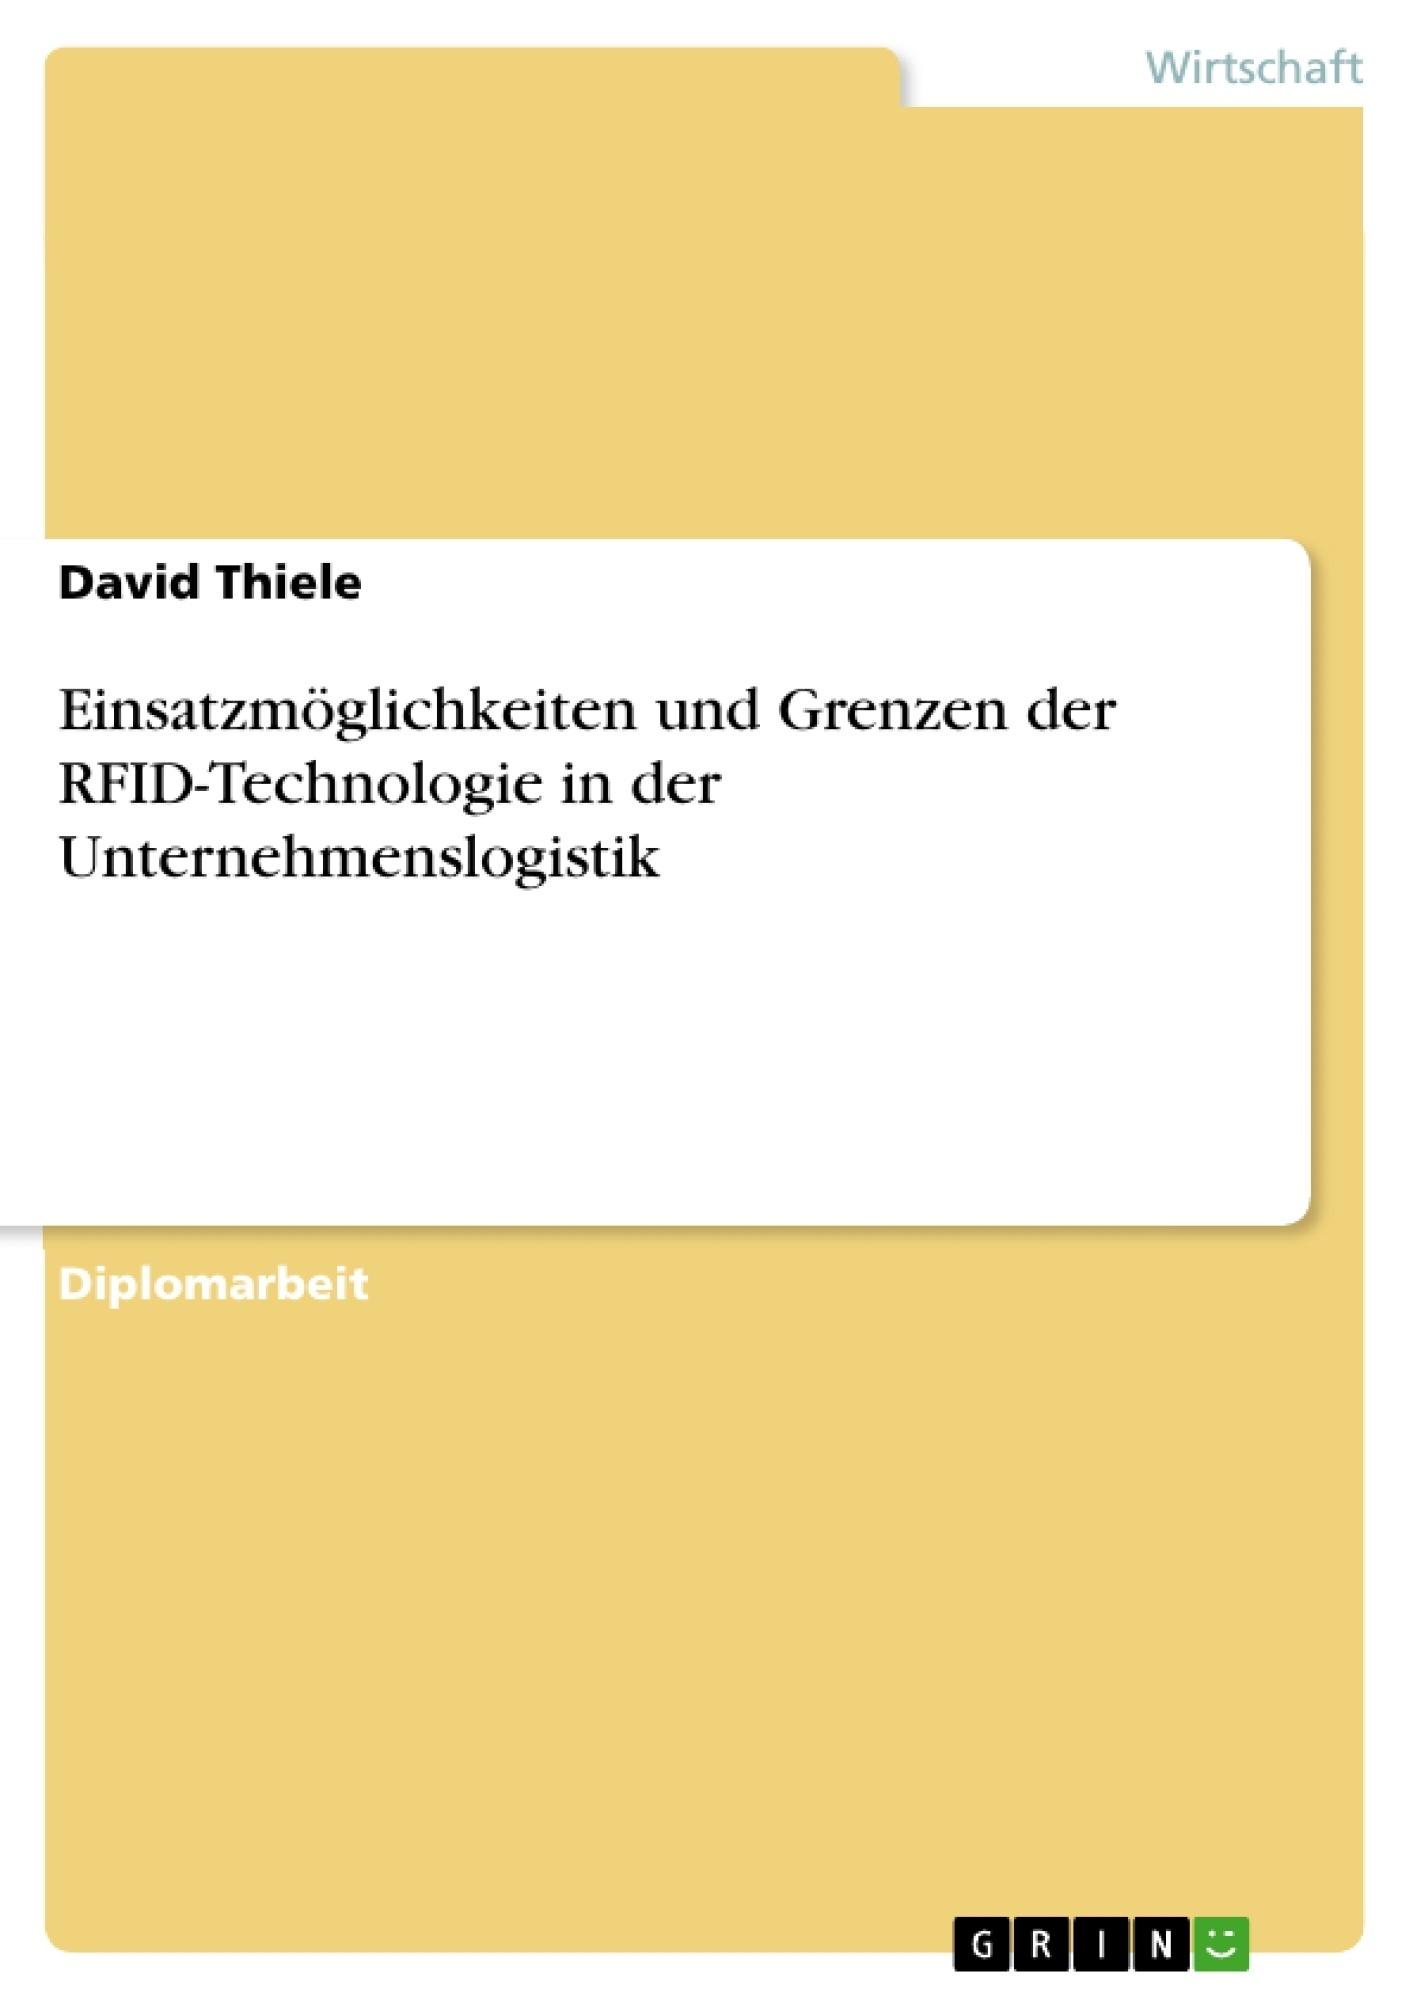 Titel: Einsatzmöglichkeiten und Grenzen der RFID-Technologie in der Unternehmenslogistik